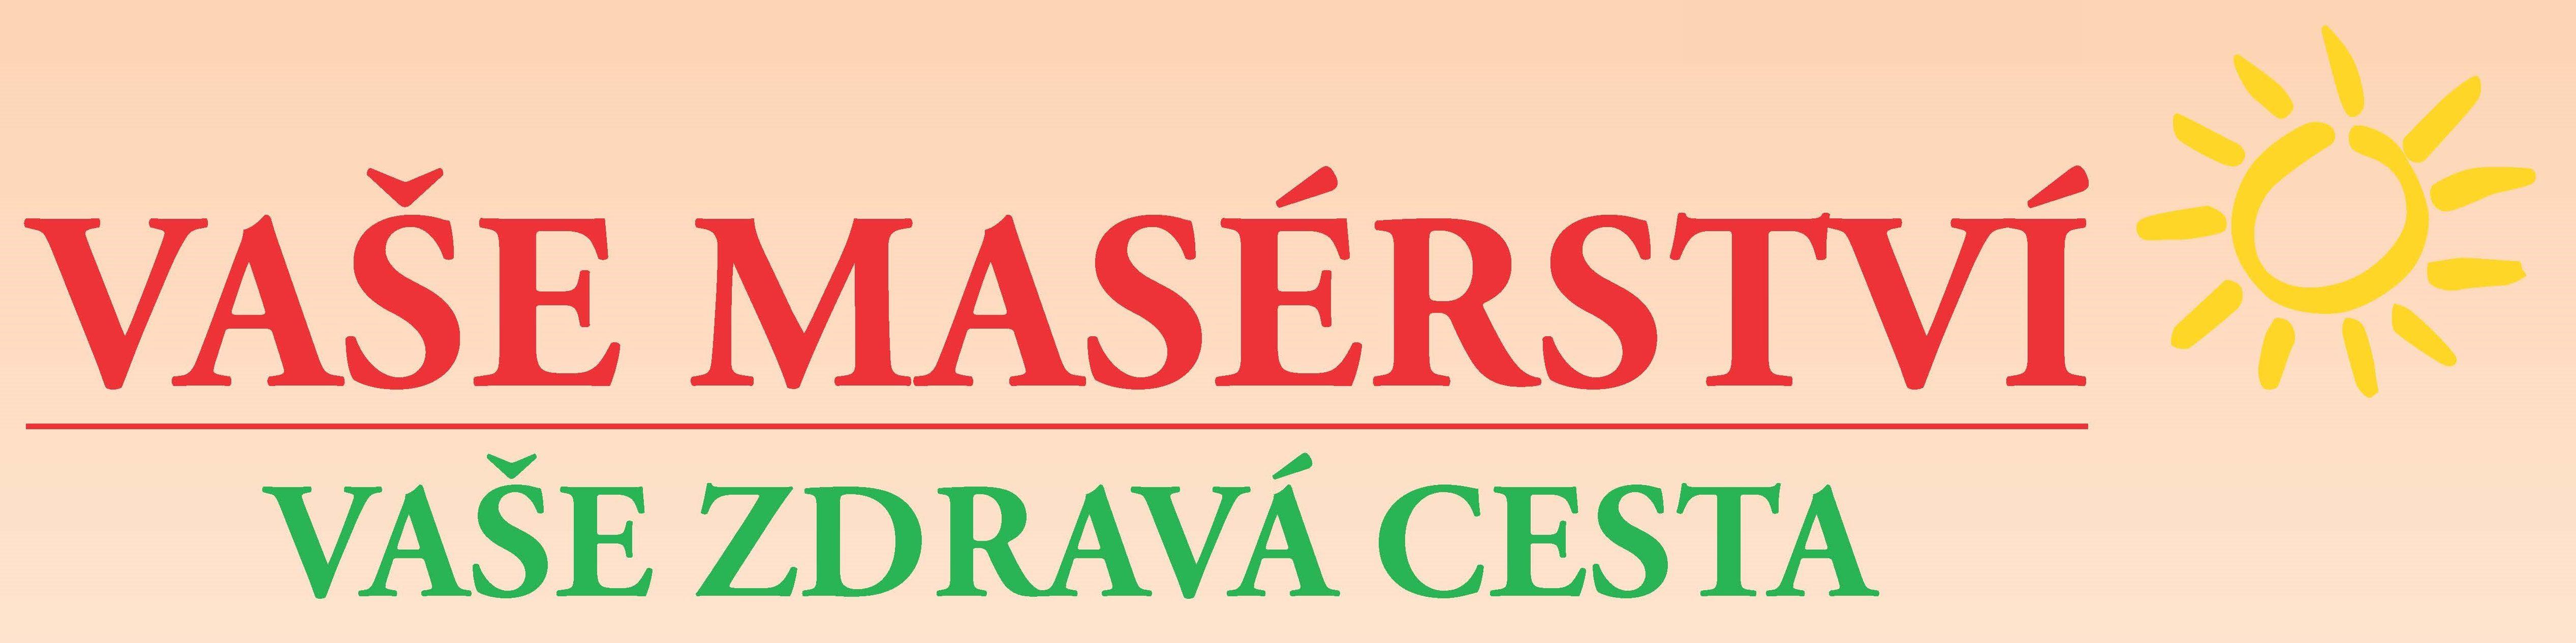 www.vasemaserstvi.cz